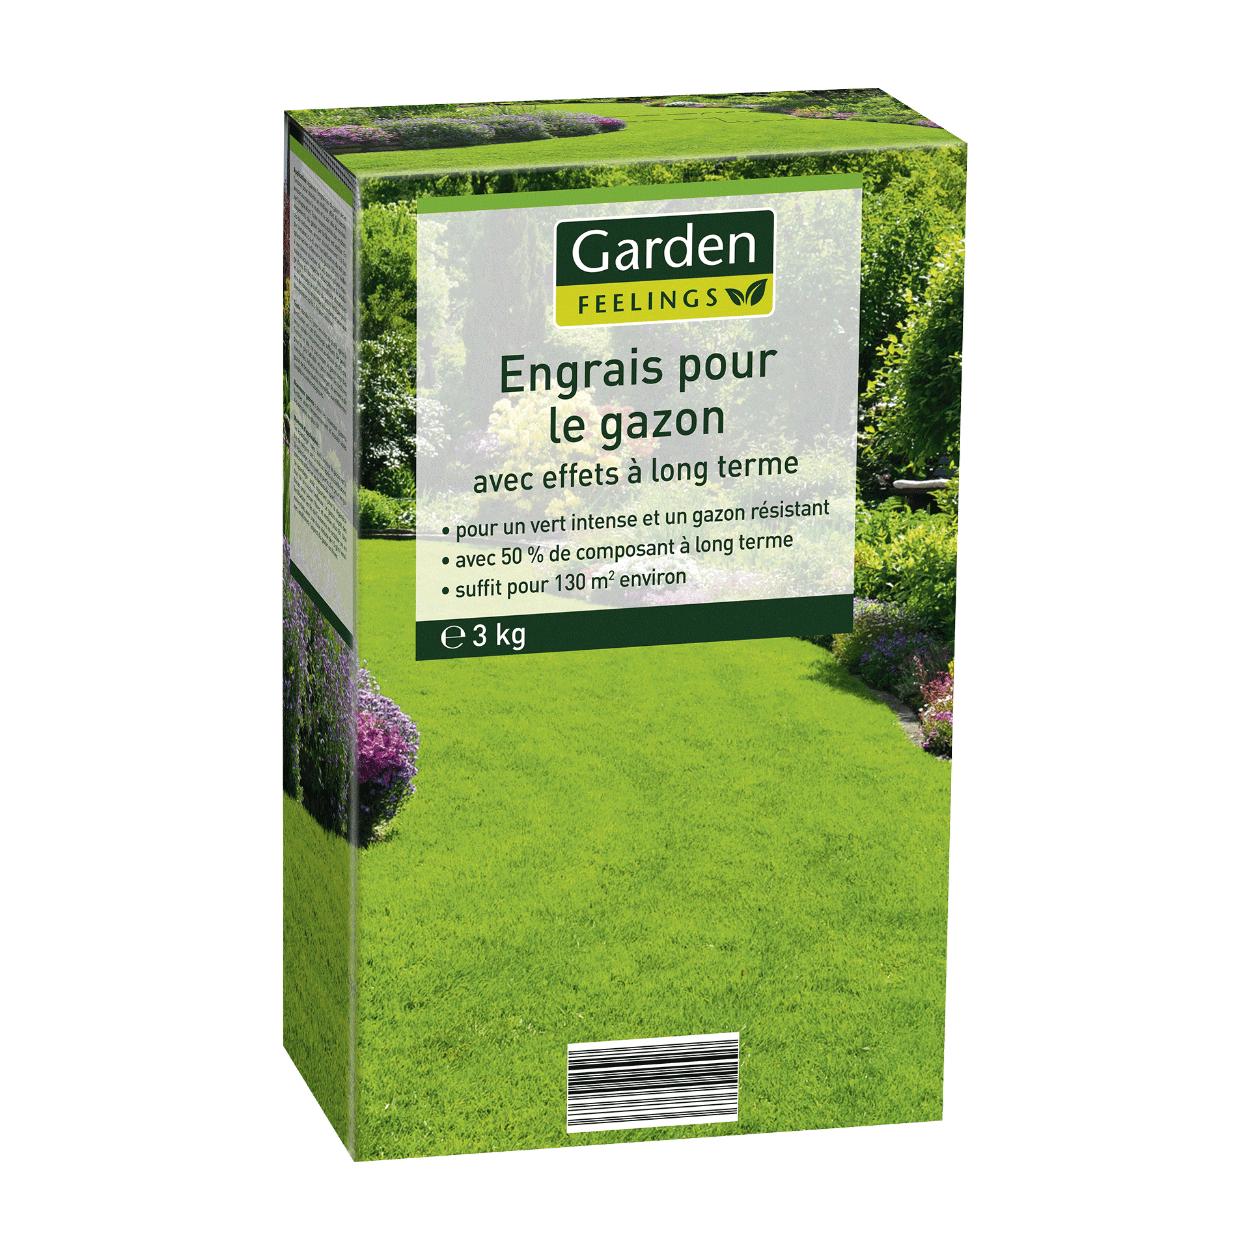 Engrais pour gazon Garden Feelings - 3kg